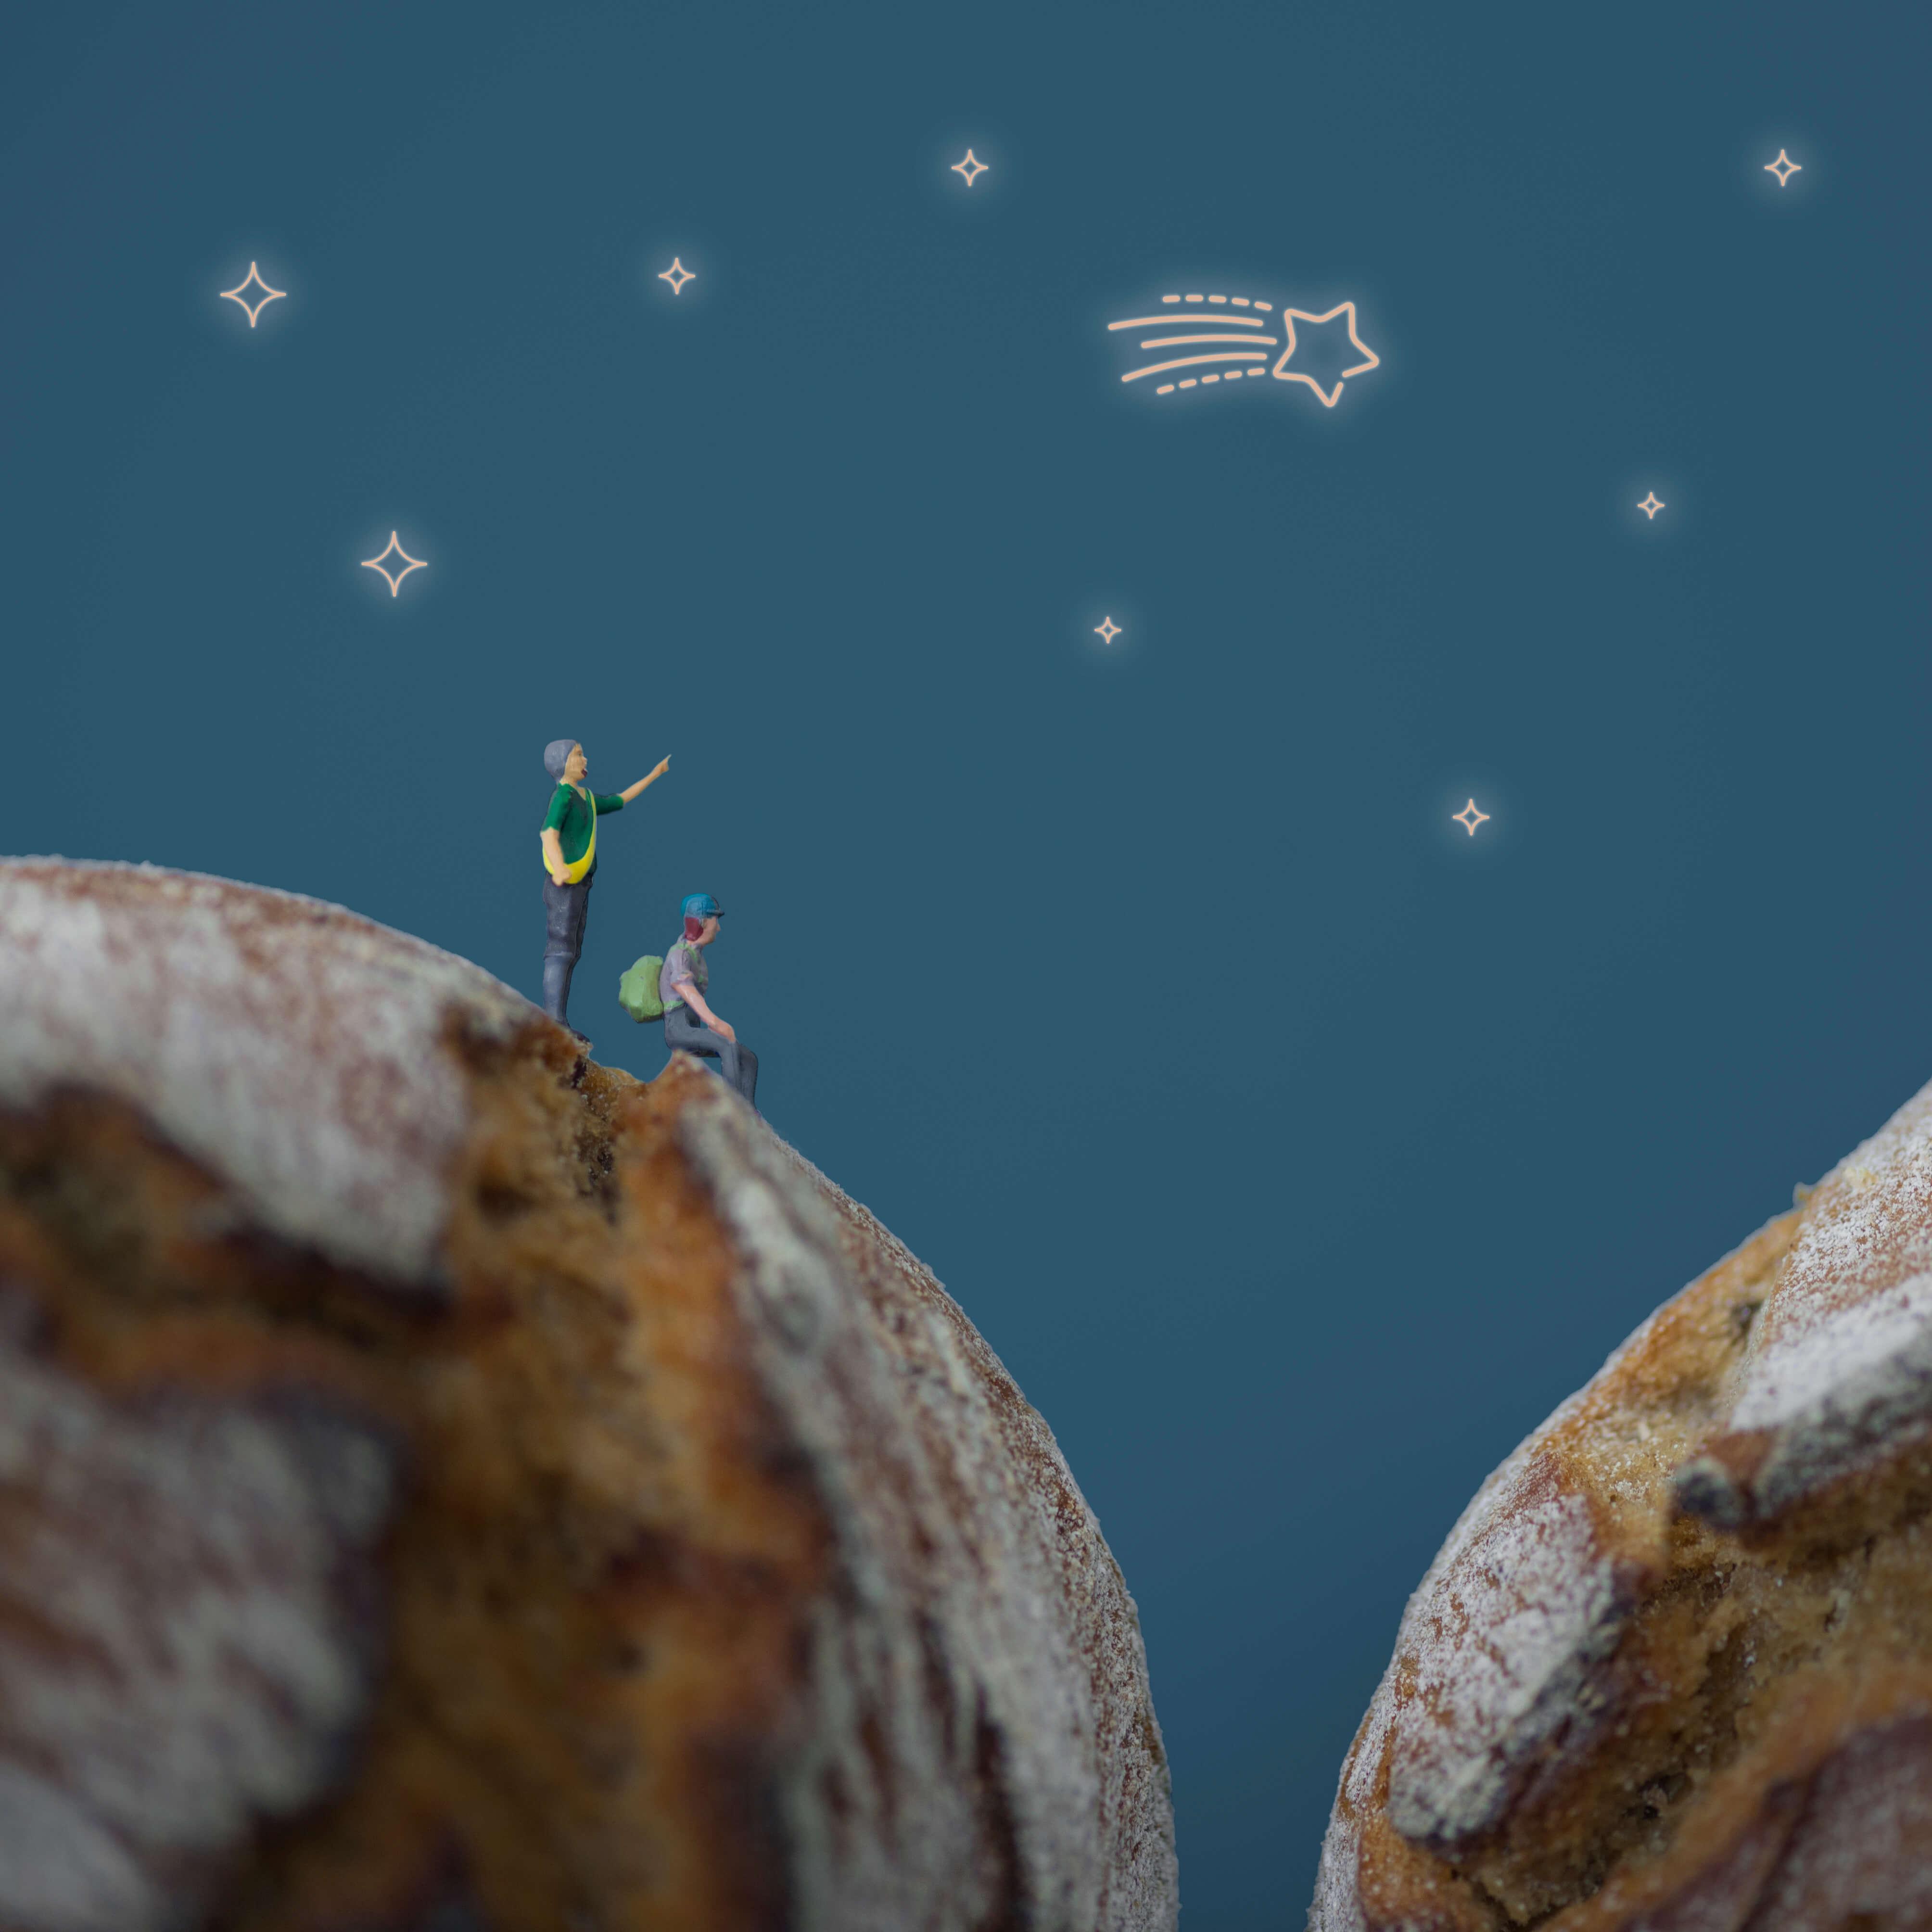 Biržų duona instagram 18-parodai mažieji pasauliai-001